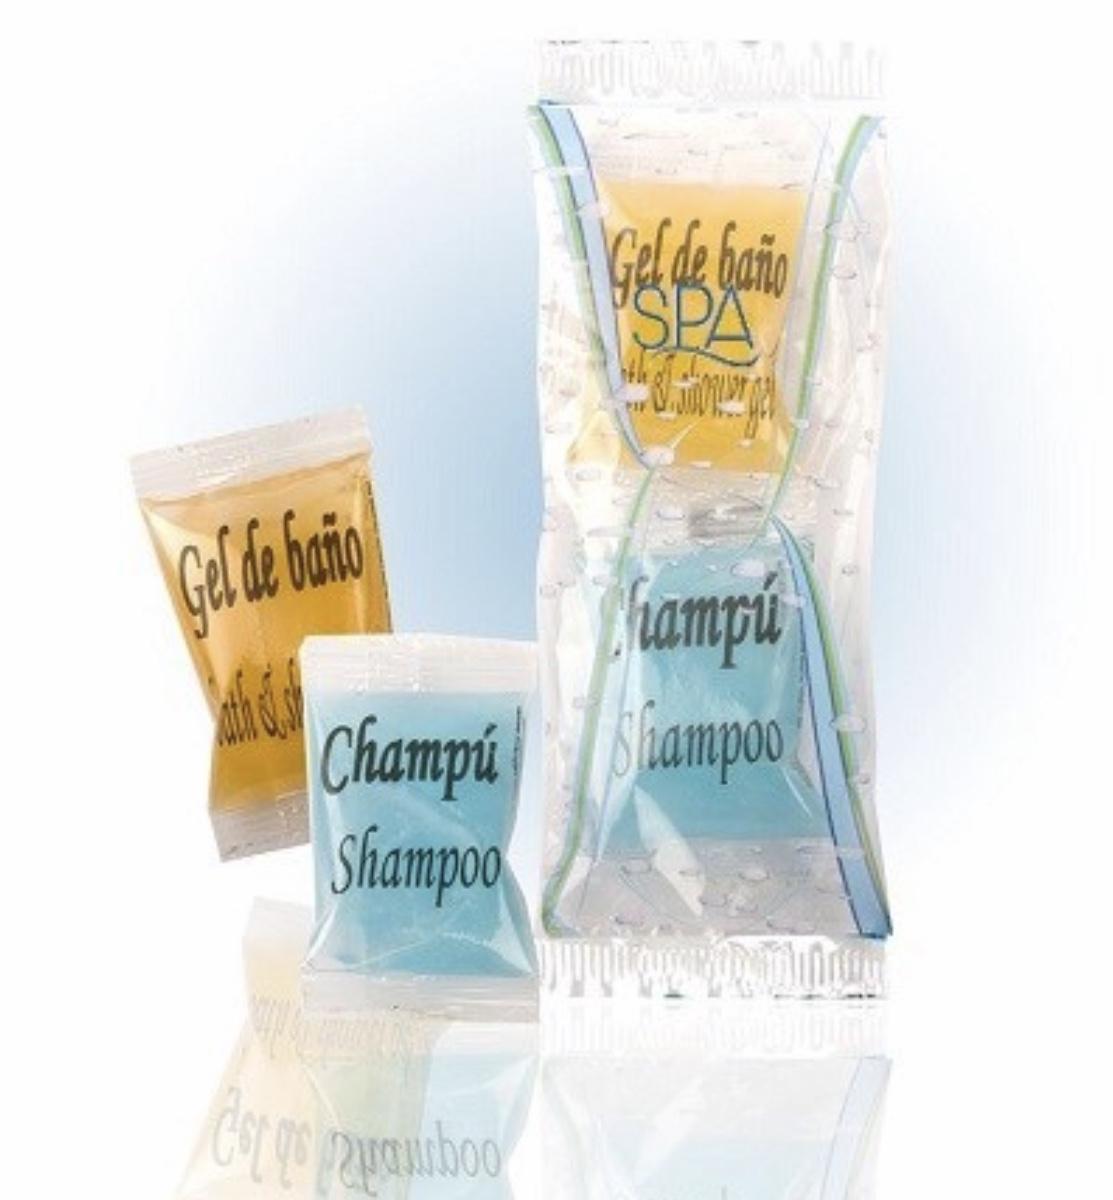 Saquetas Gel & Champô (1 saqueta com 2 unidades) A Loja do AL (PERSONALIZÁVEL)